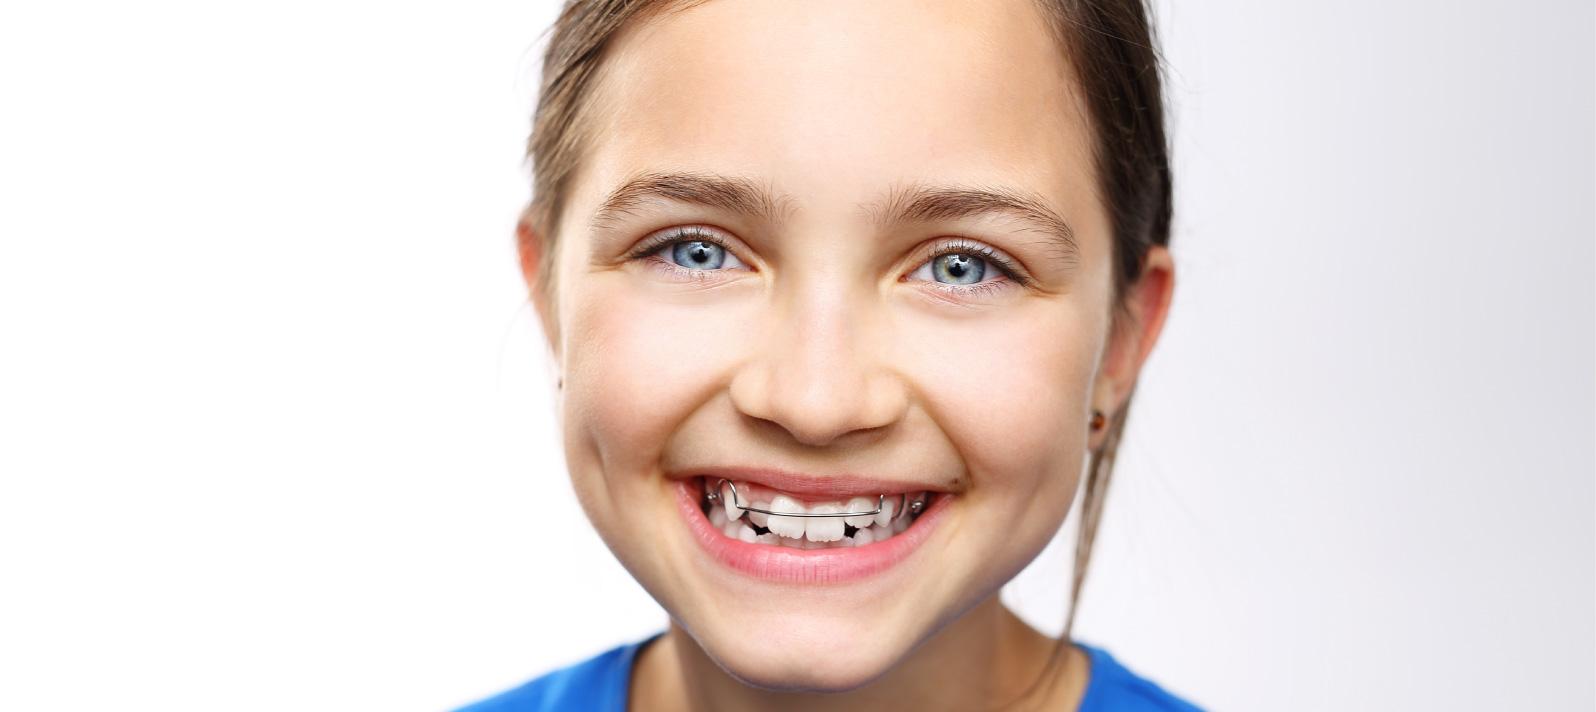 La utilización de ortodoncia interceptiva para acabar con los problemas de mordida imperfecta